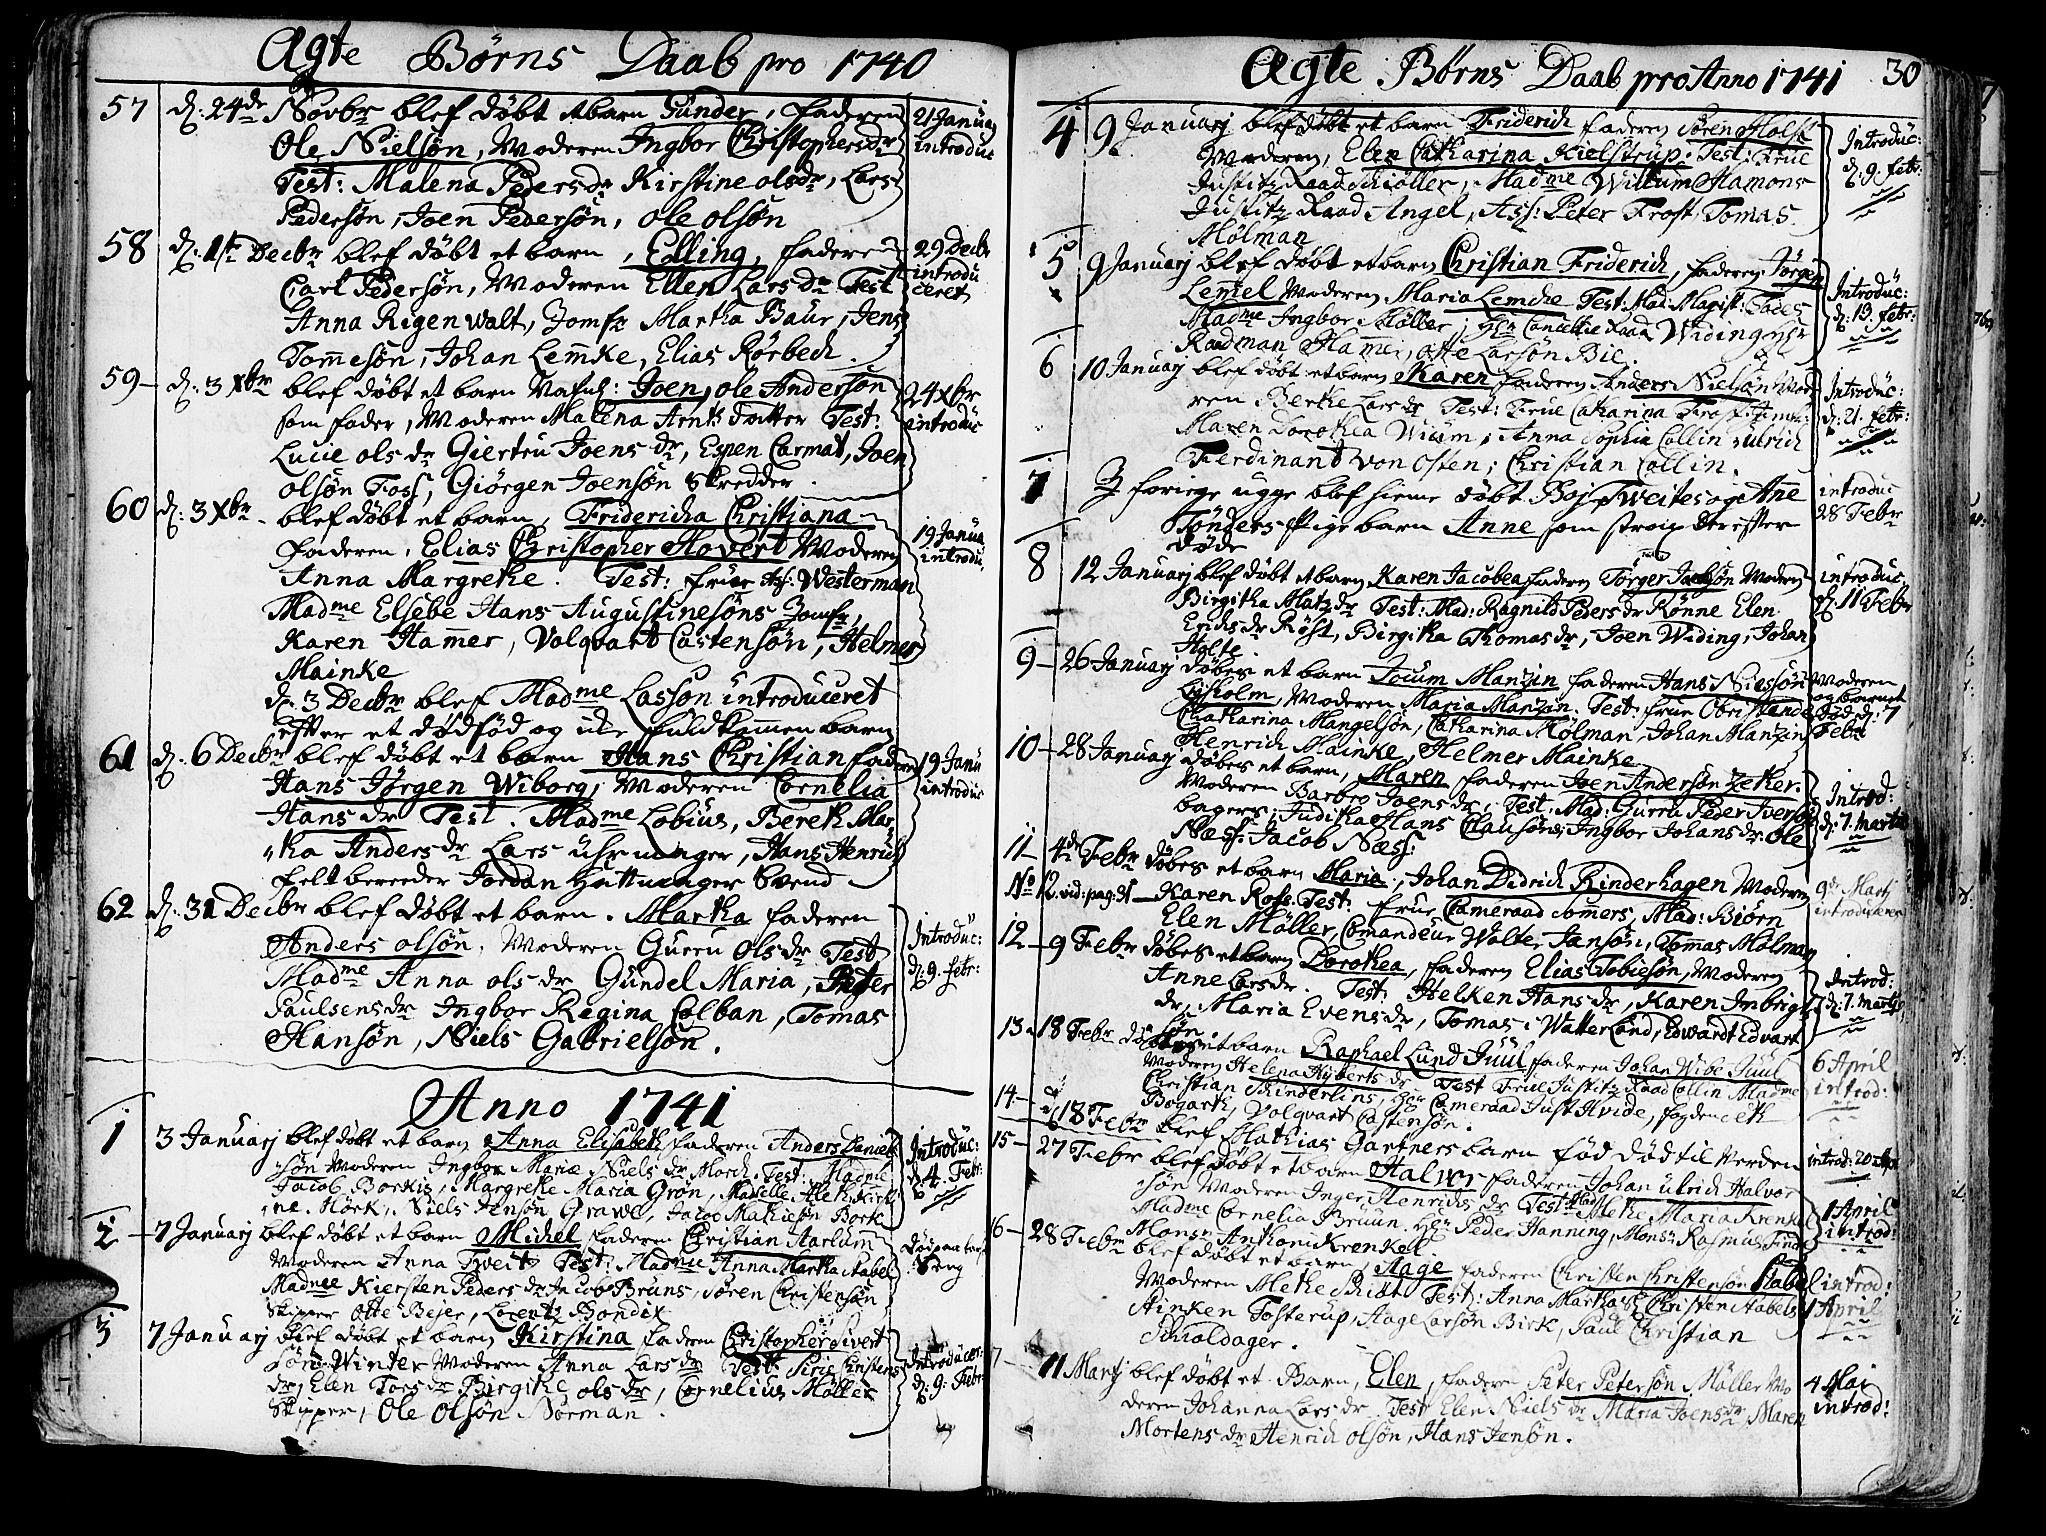 SAT, Ministerialprotokoller, klokkerbøker og fødselsregistre - Sør-Trøndelag, 602/L0103: Ministerialbok nr. 602A01, 1732-1774, s. 30